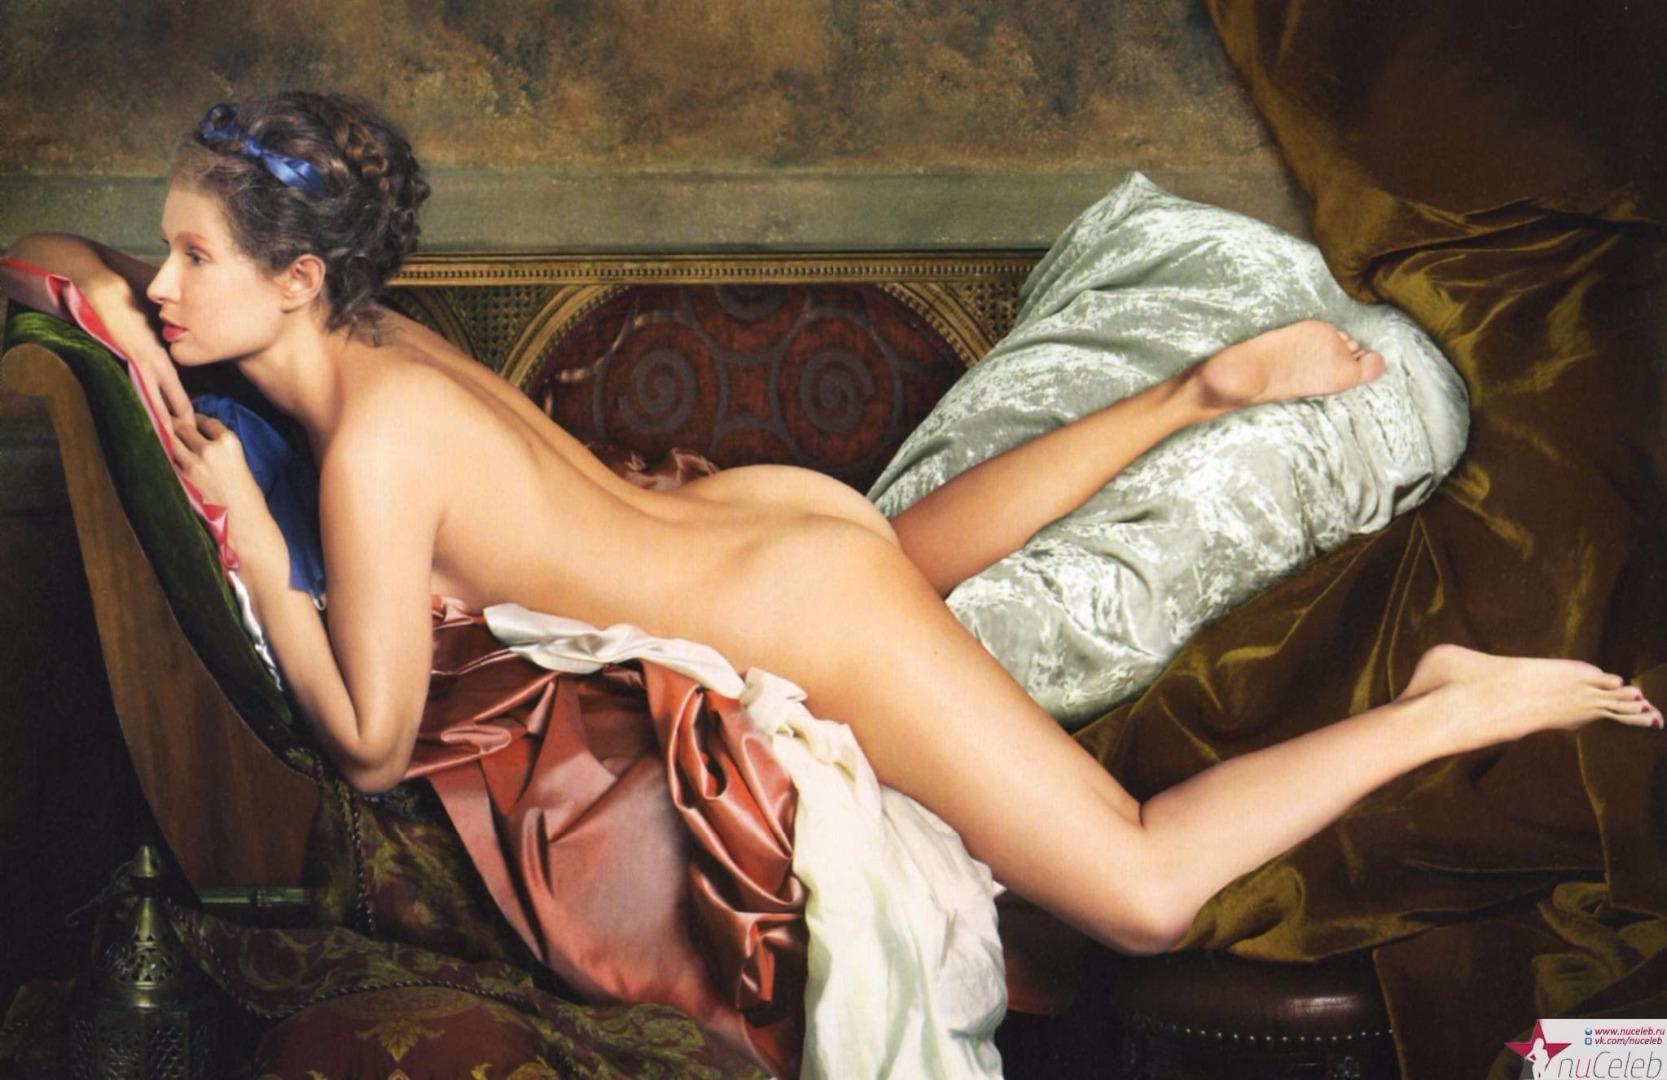 Эвелина бледанс голая фото фото 590-88